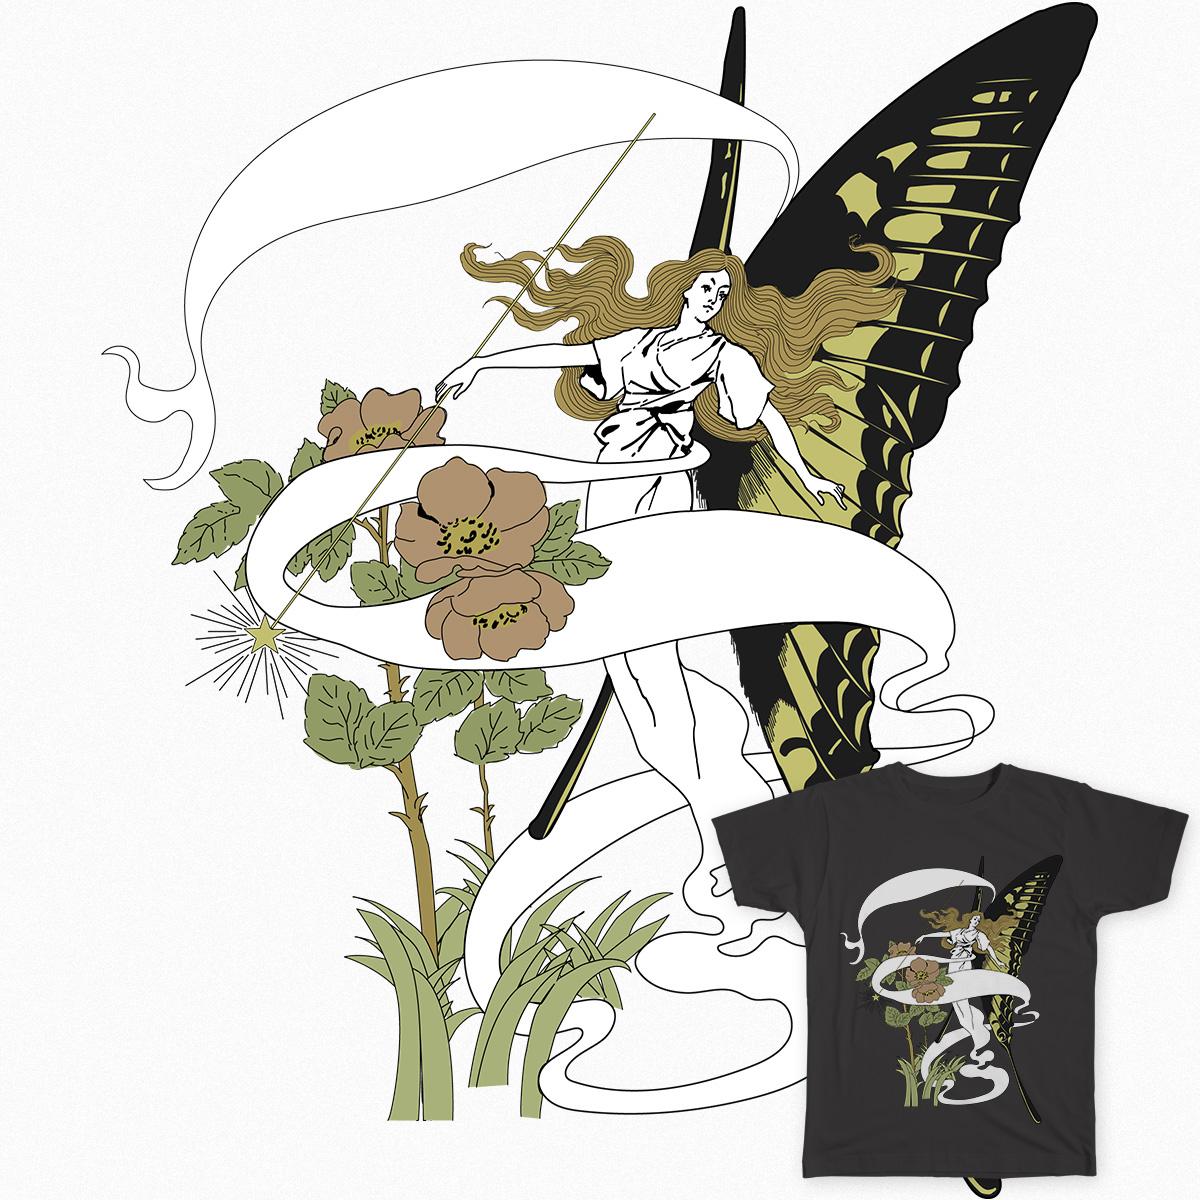 ButterflyFairy_ThreadlessSubmit.jpg